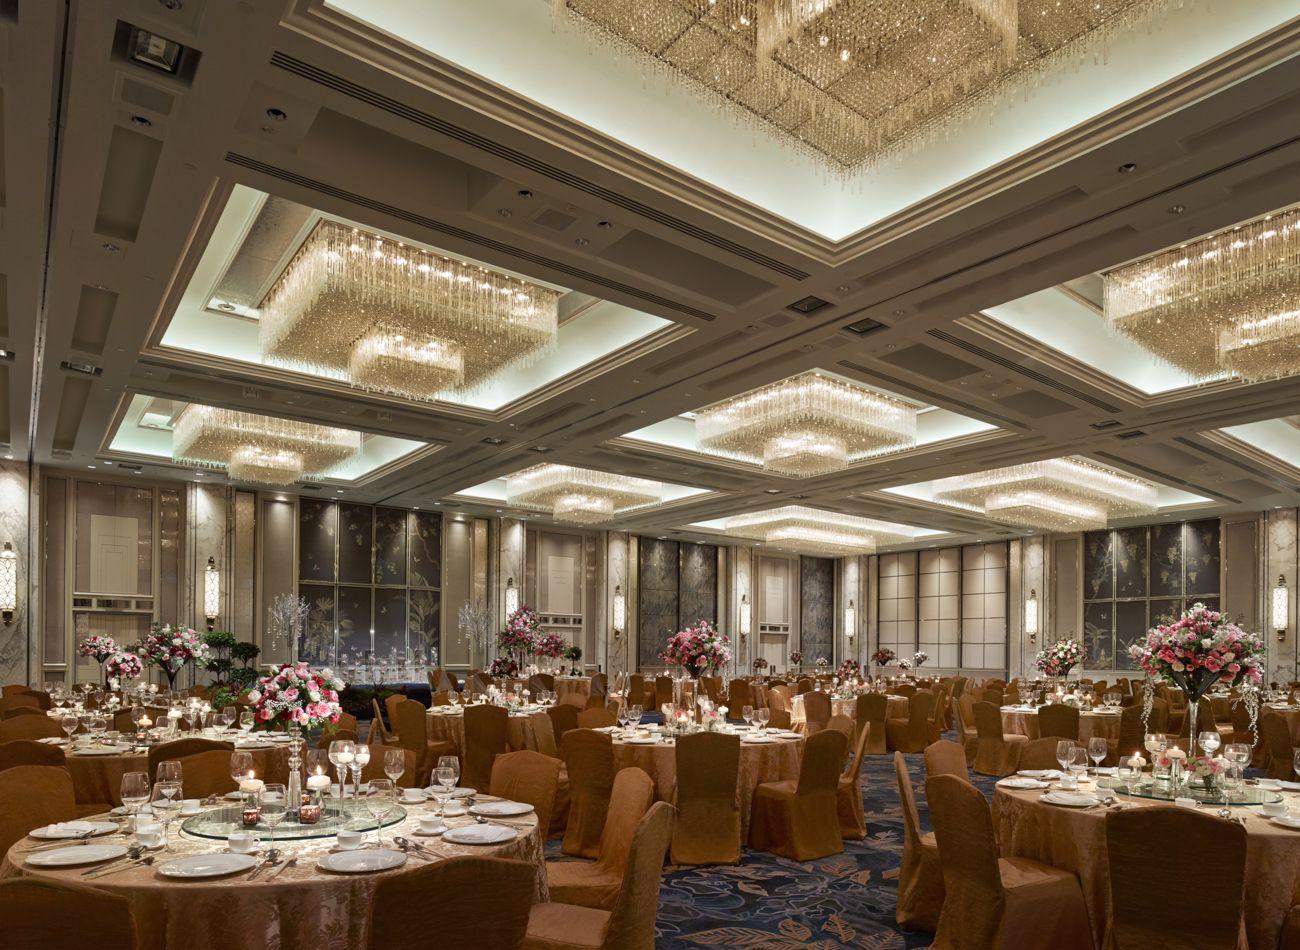 Luxury Hotel Banquet Hall